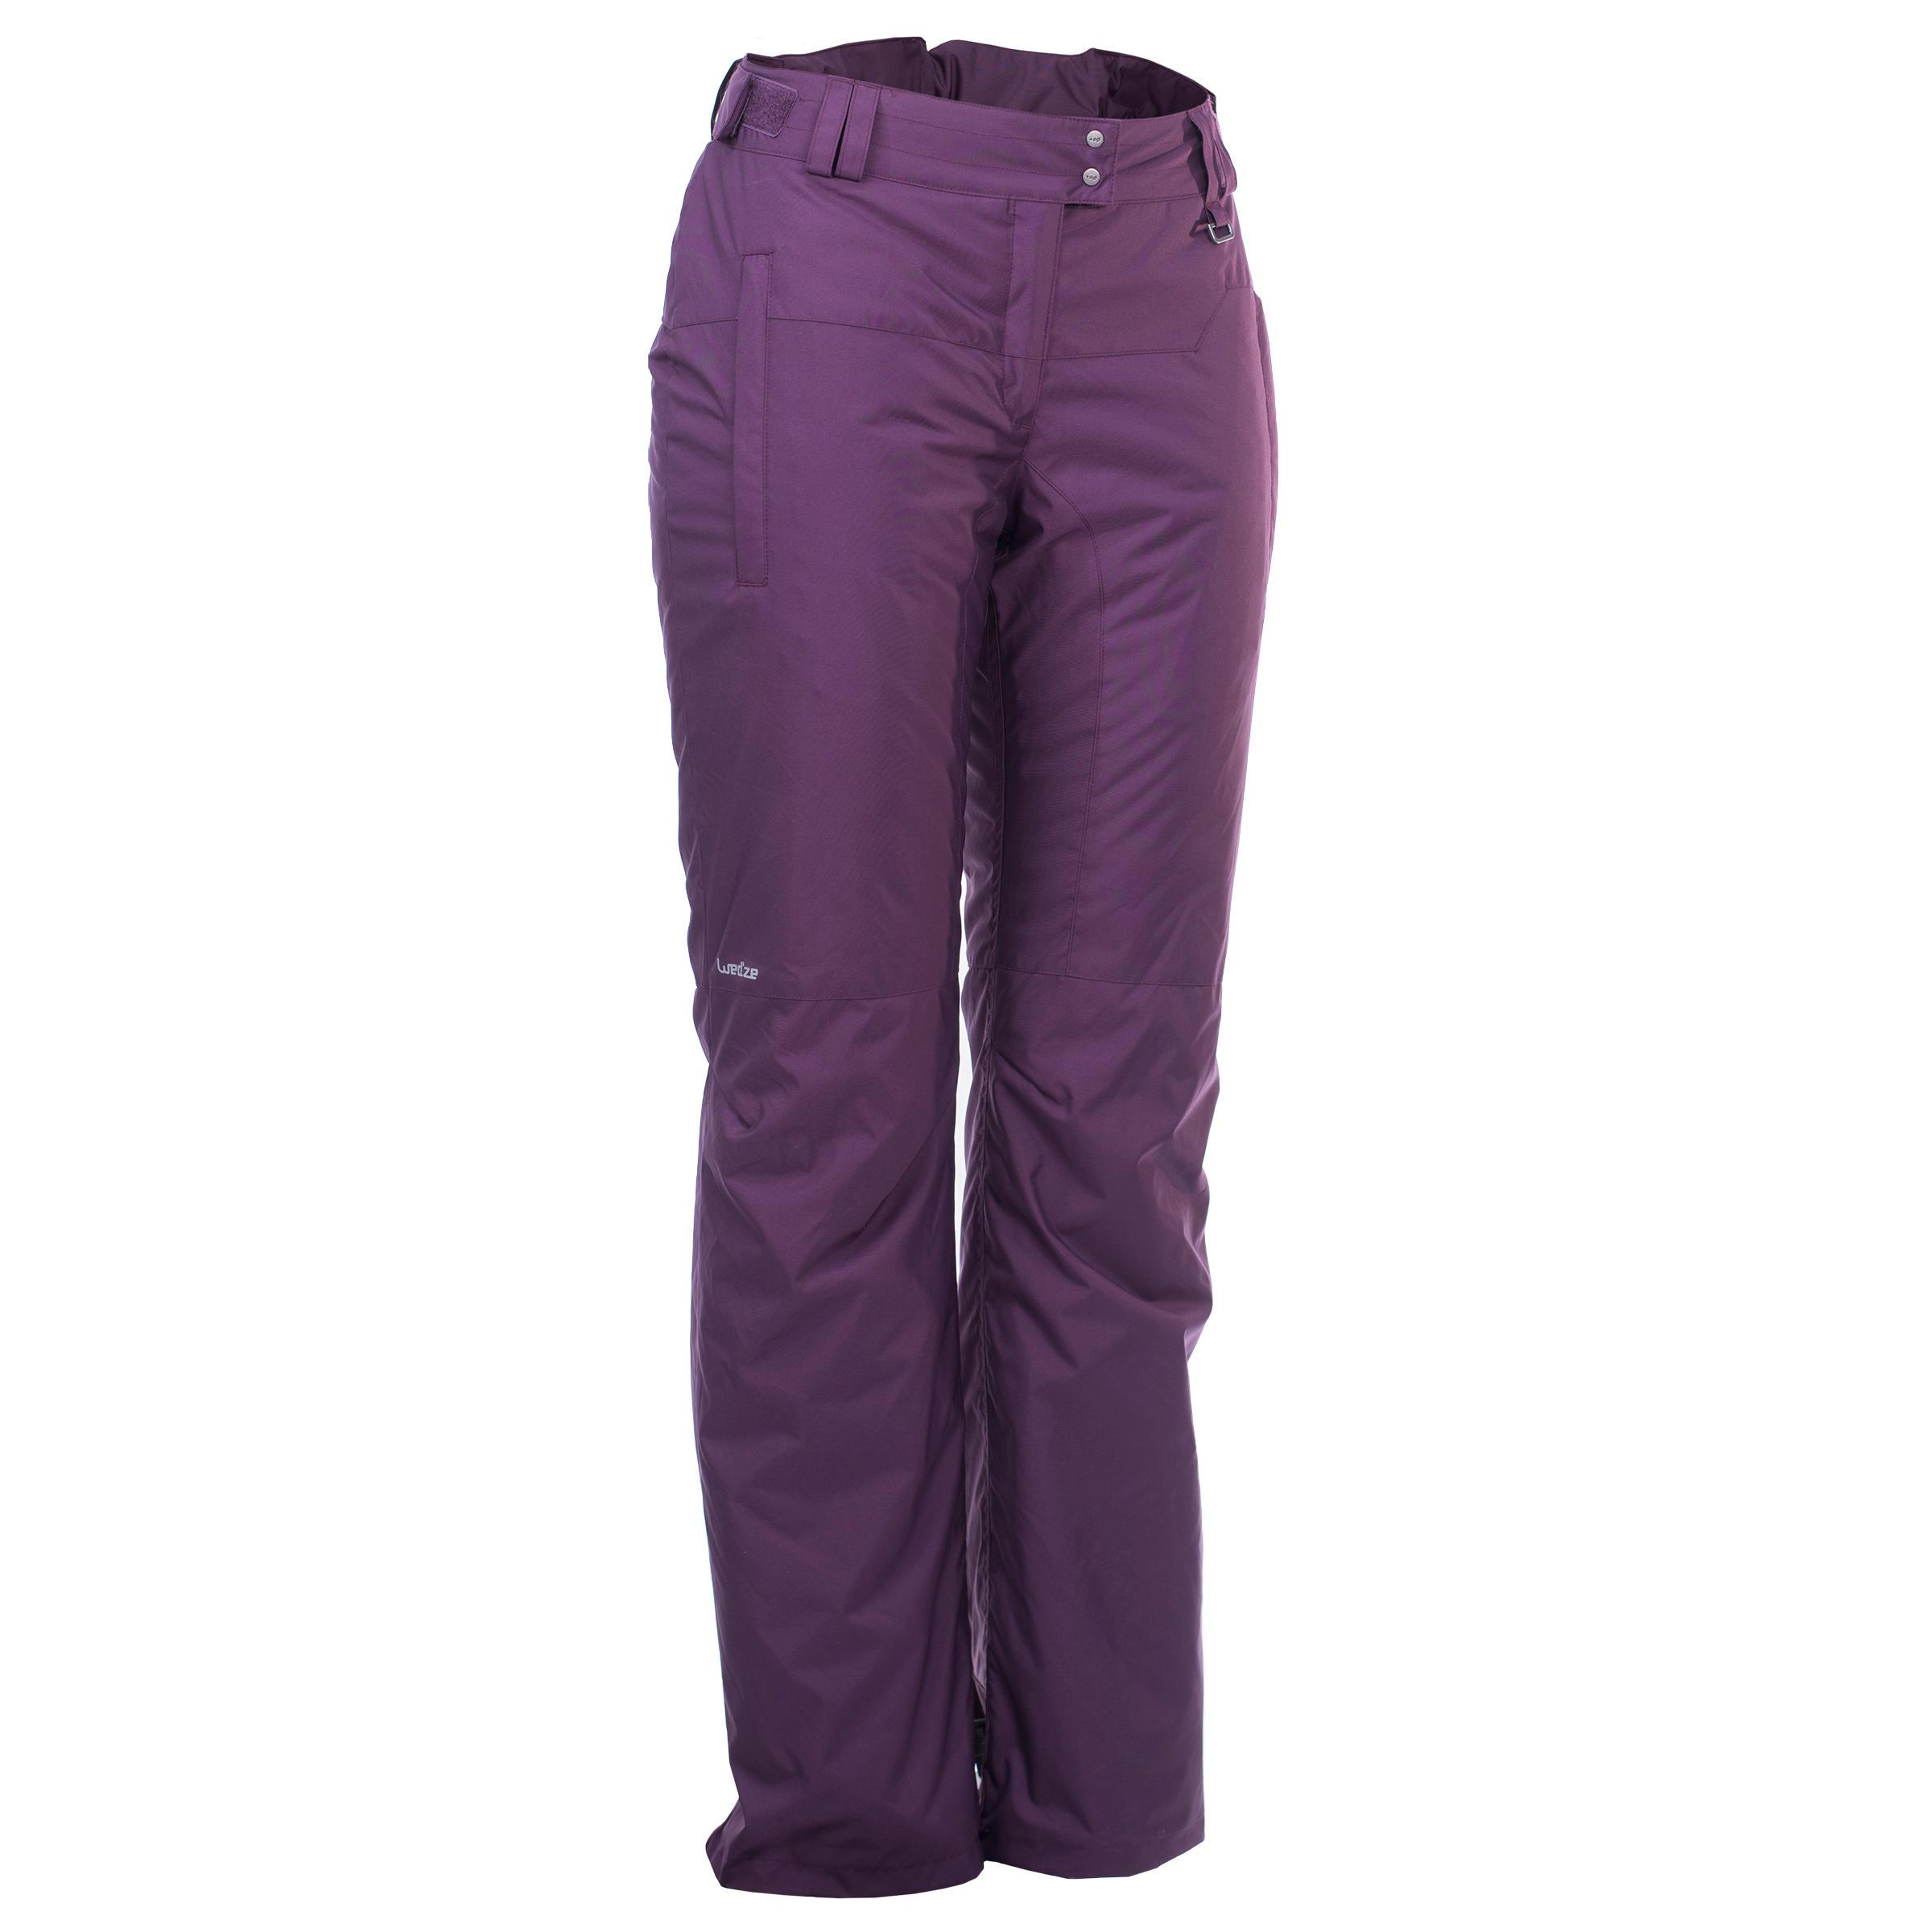 Pantalon de planche à neige et de ski femme SNB PA 100 violet